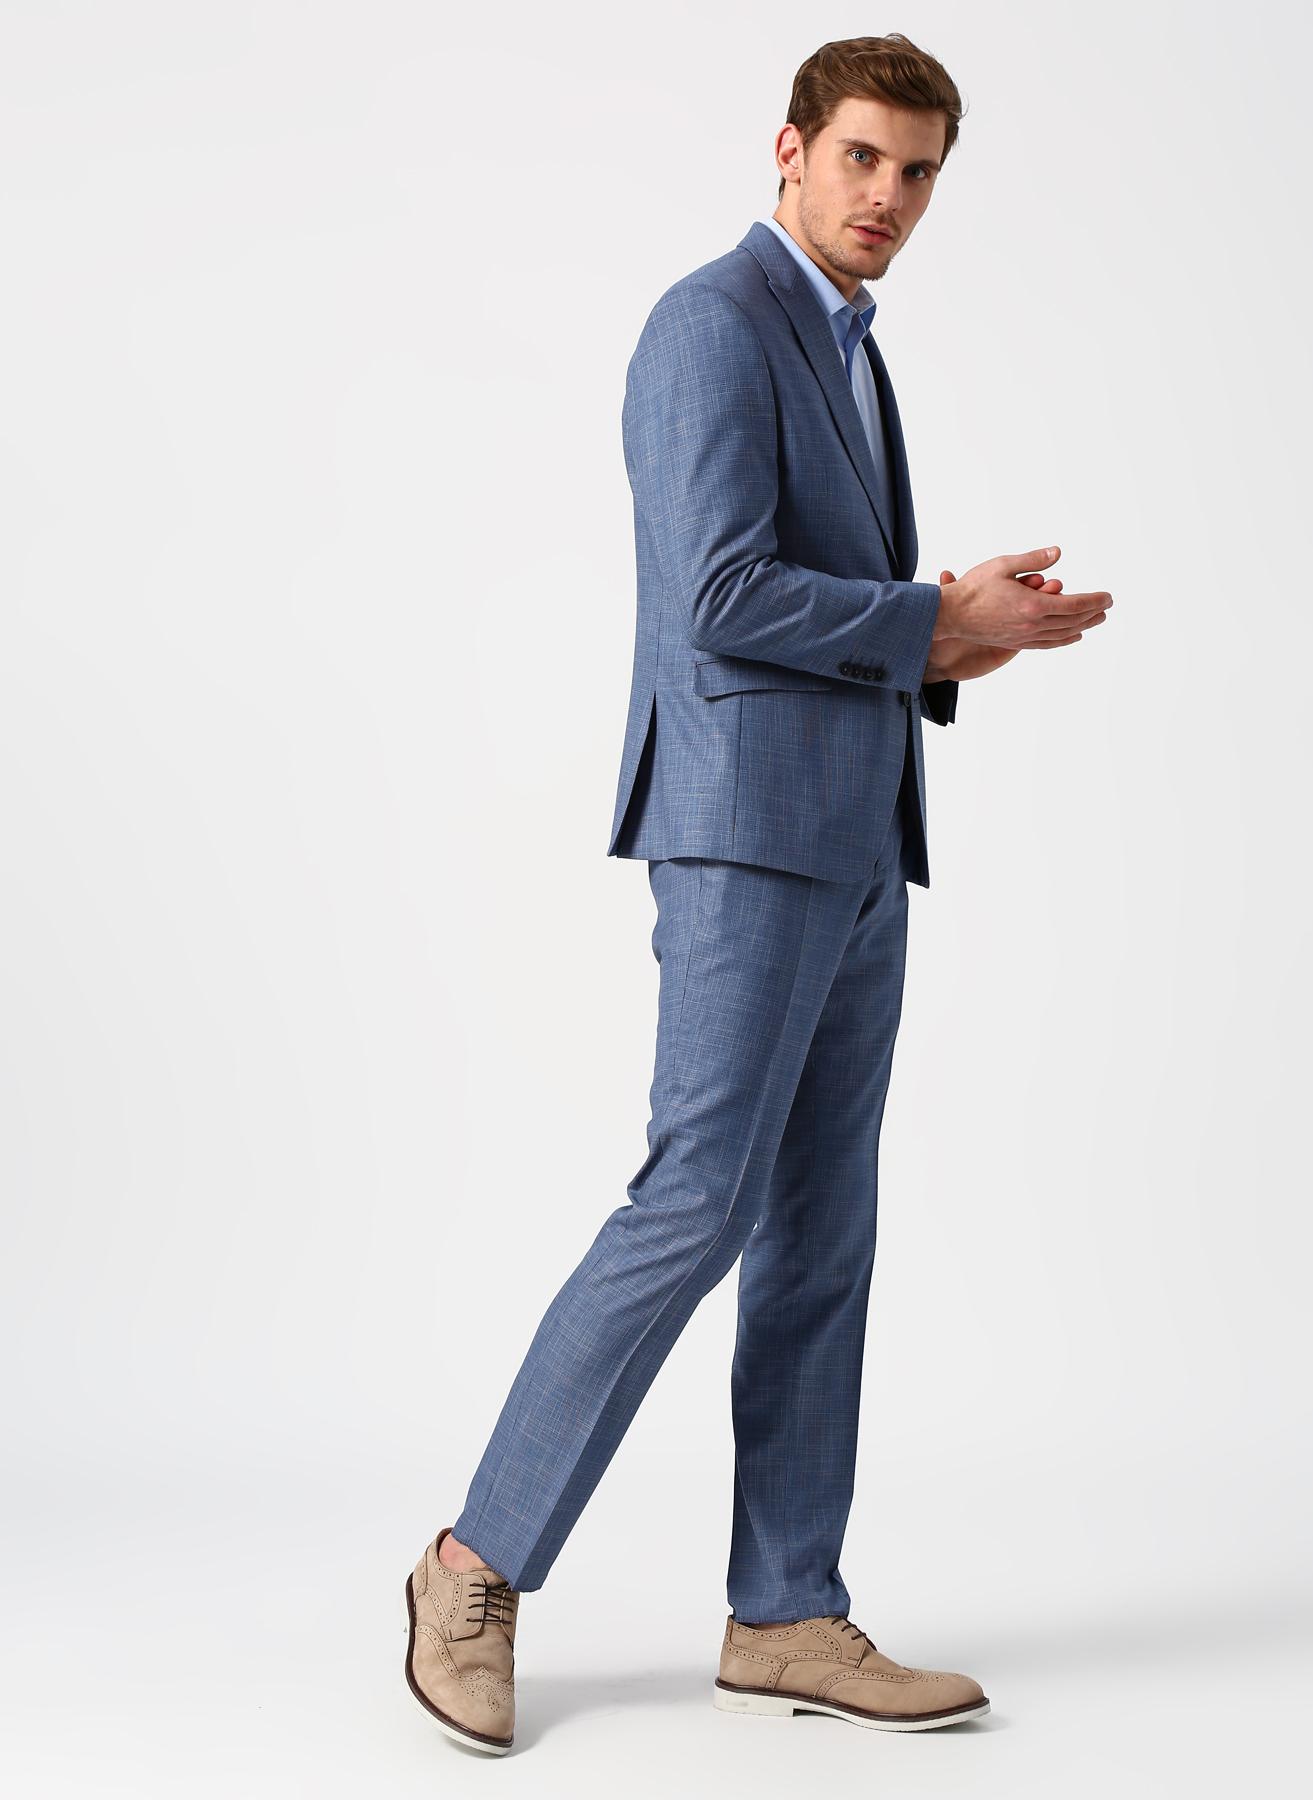 ba8bd9761e6bf 46-6 Koyu Mavi Pierre Cardin Slim Fit Takım Elbise 5002381465006 Erkek Giyim